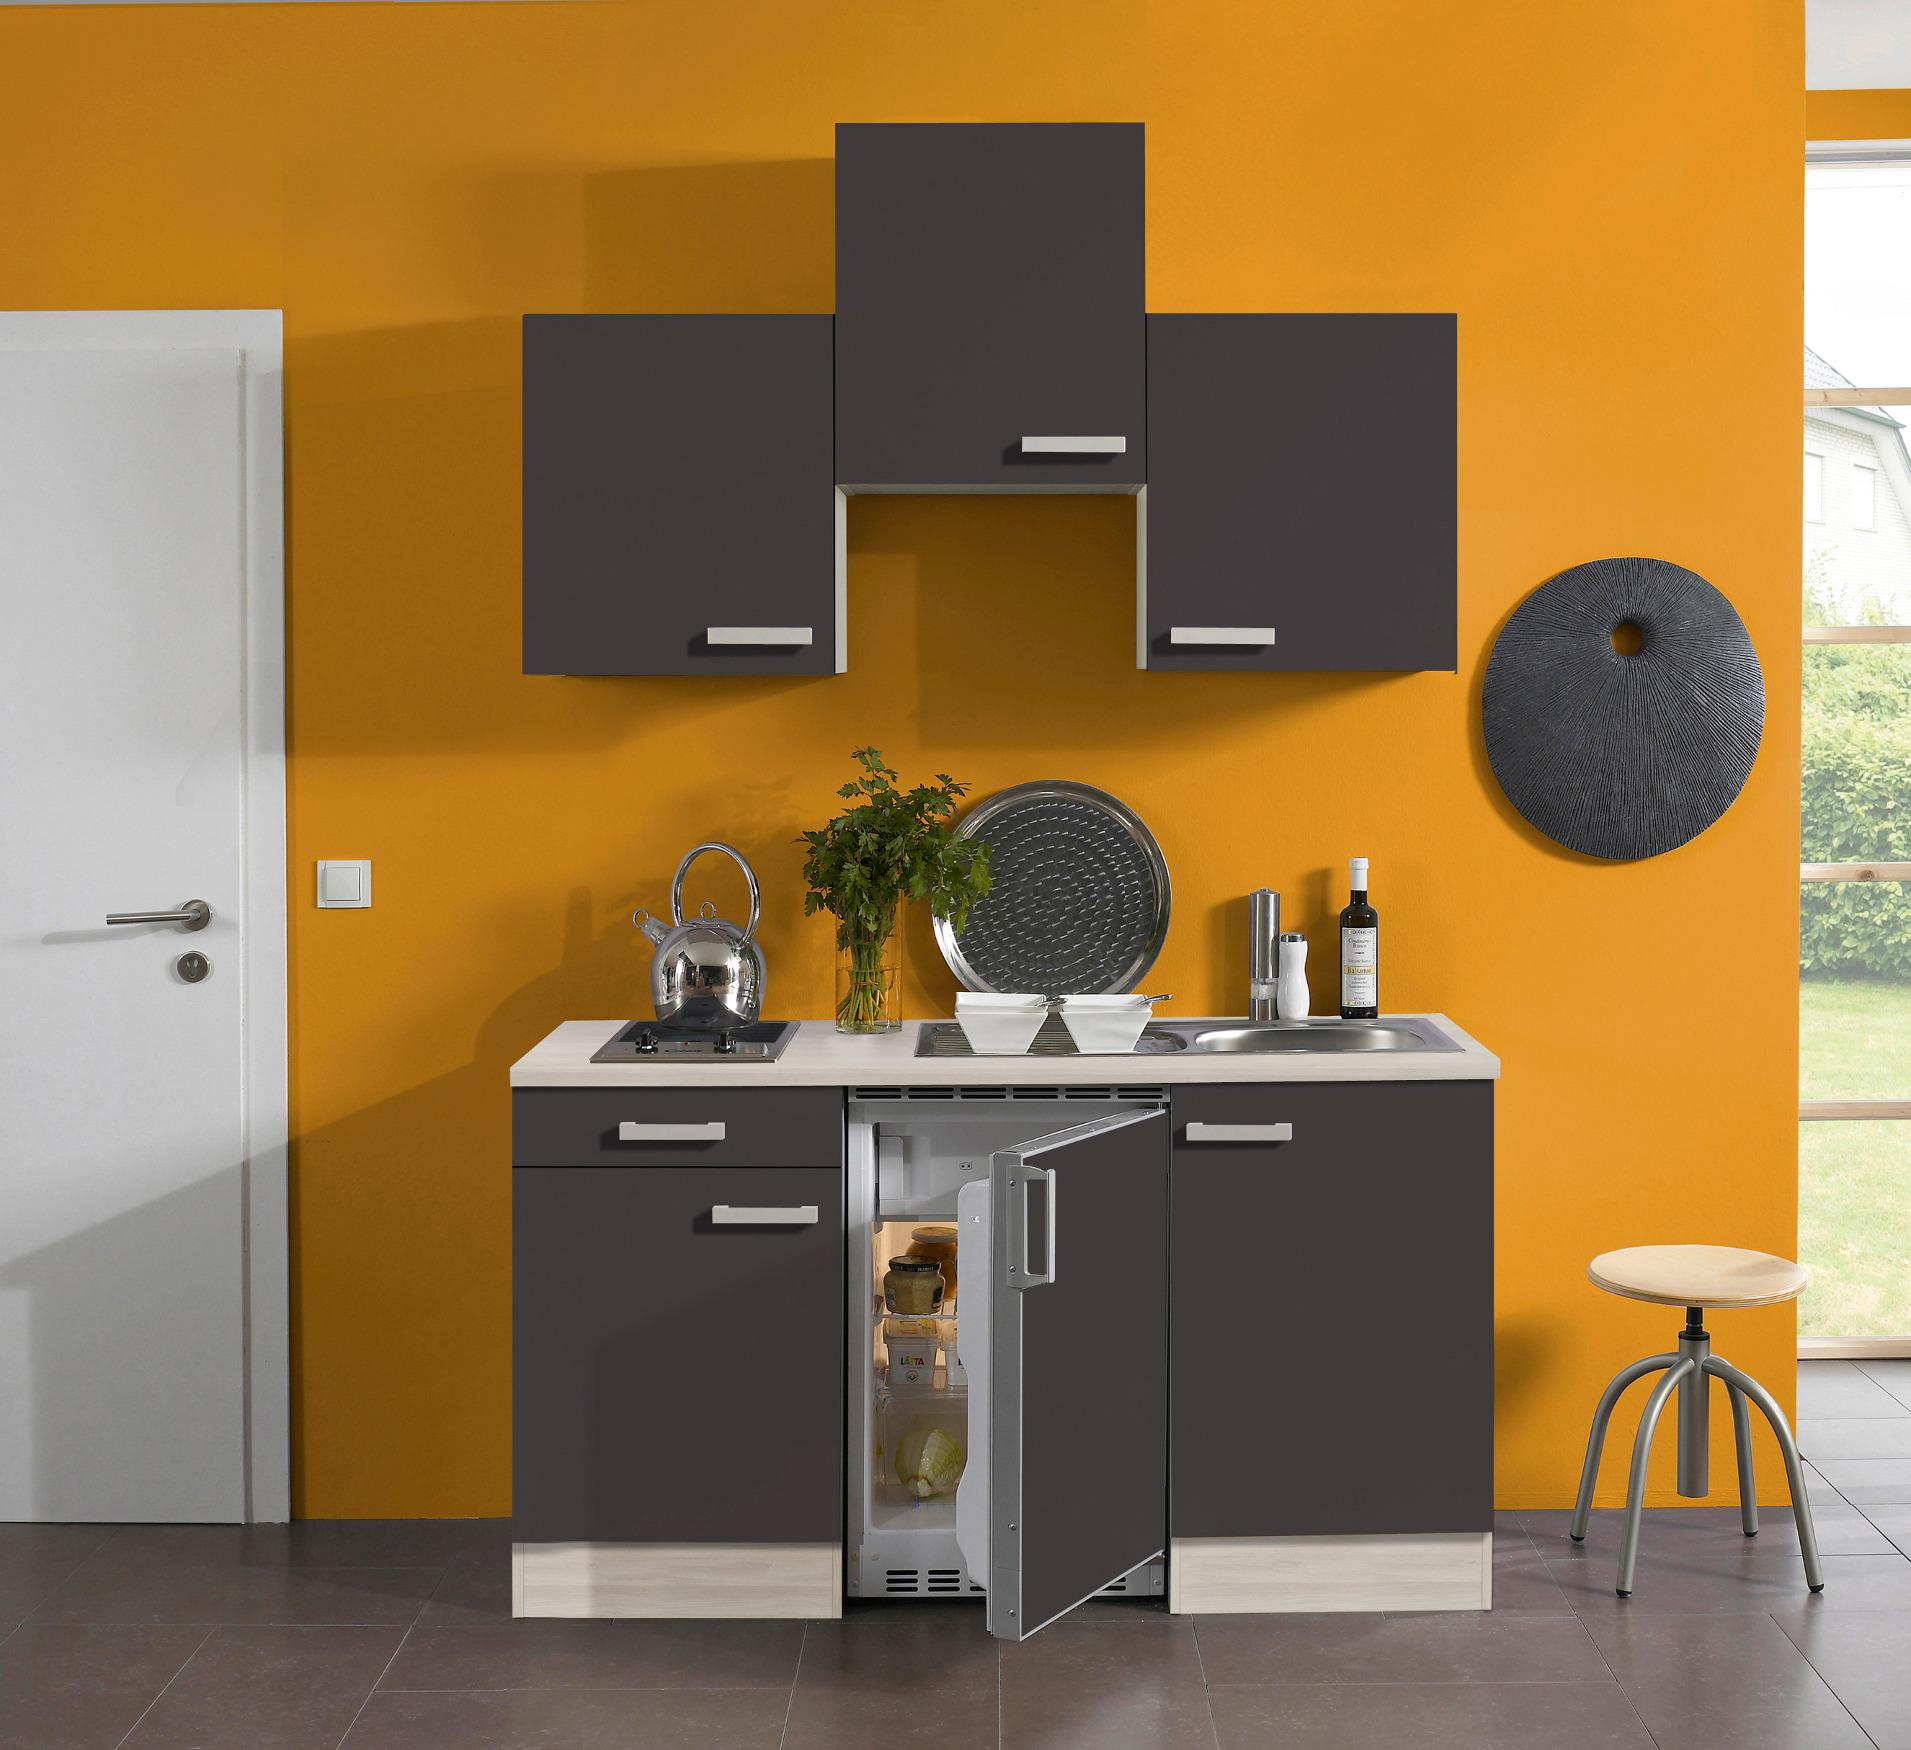 Full Size of Miniküche Kühlschrank Austauschen Miniküche Mit Kühlschrank Möbel Boss Respekta Miniküche Mit Kühlschrank Pantry 100 Miniküche Mit Geschirrspüler Ohne Kühlschrank Küche Miniküche Mit Kühlschrank